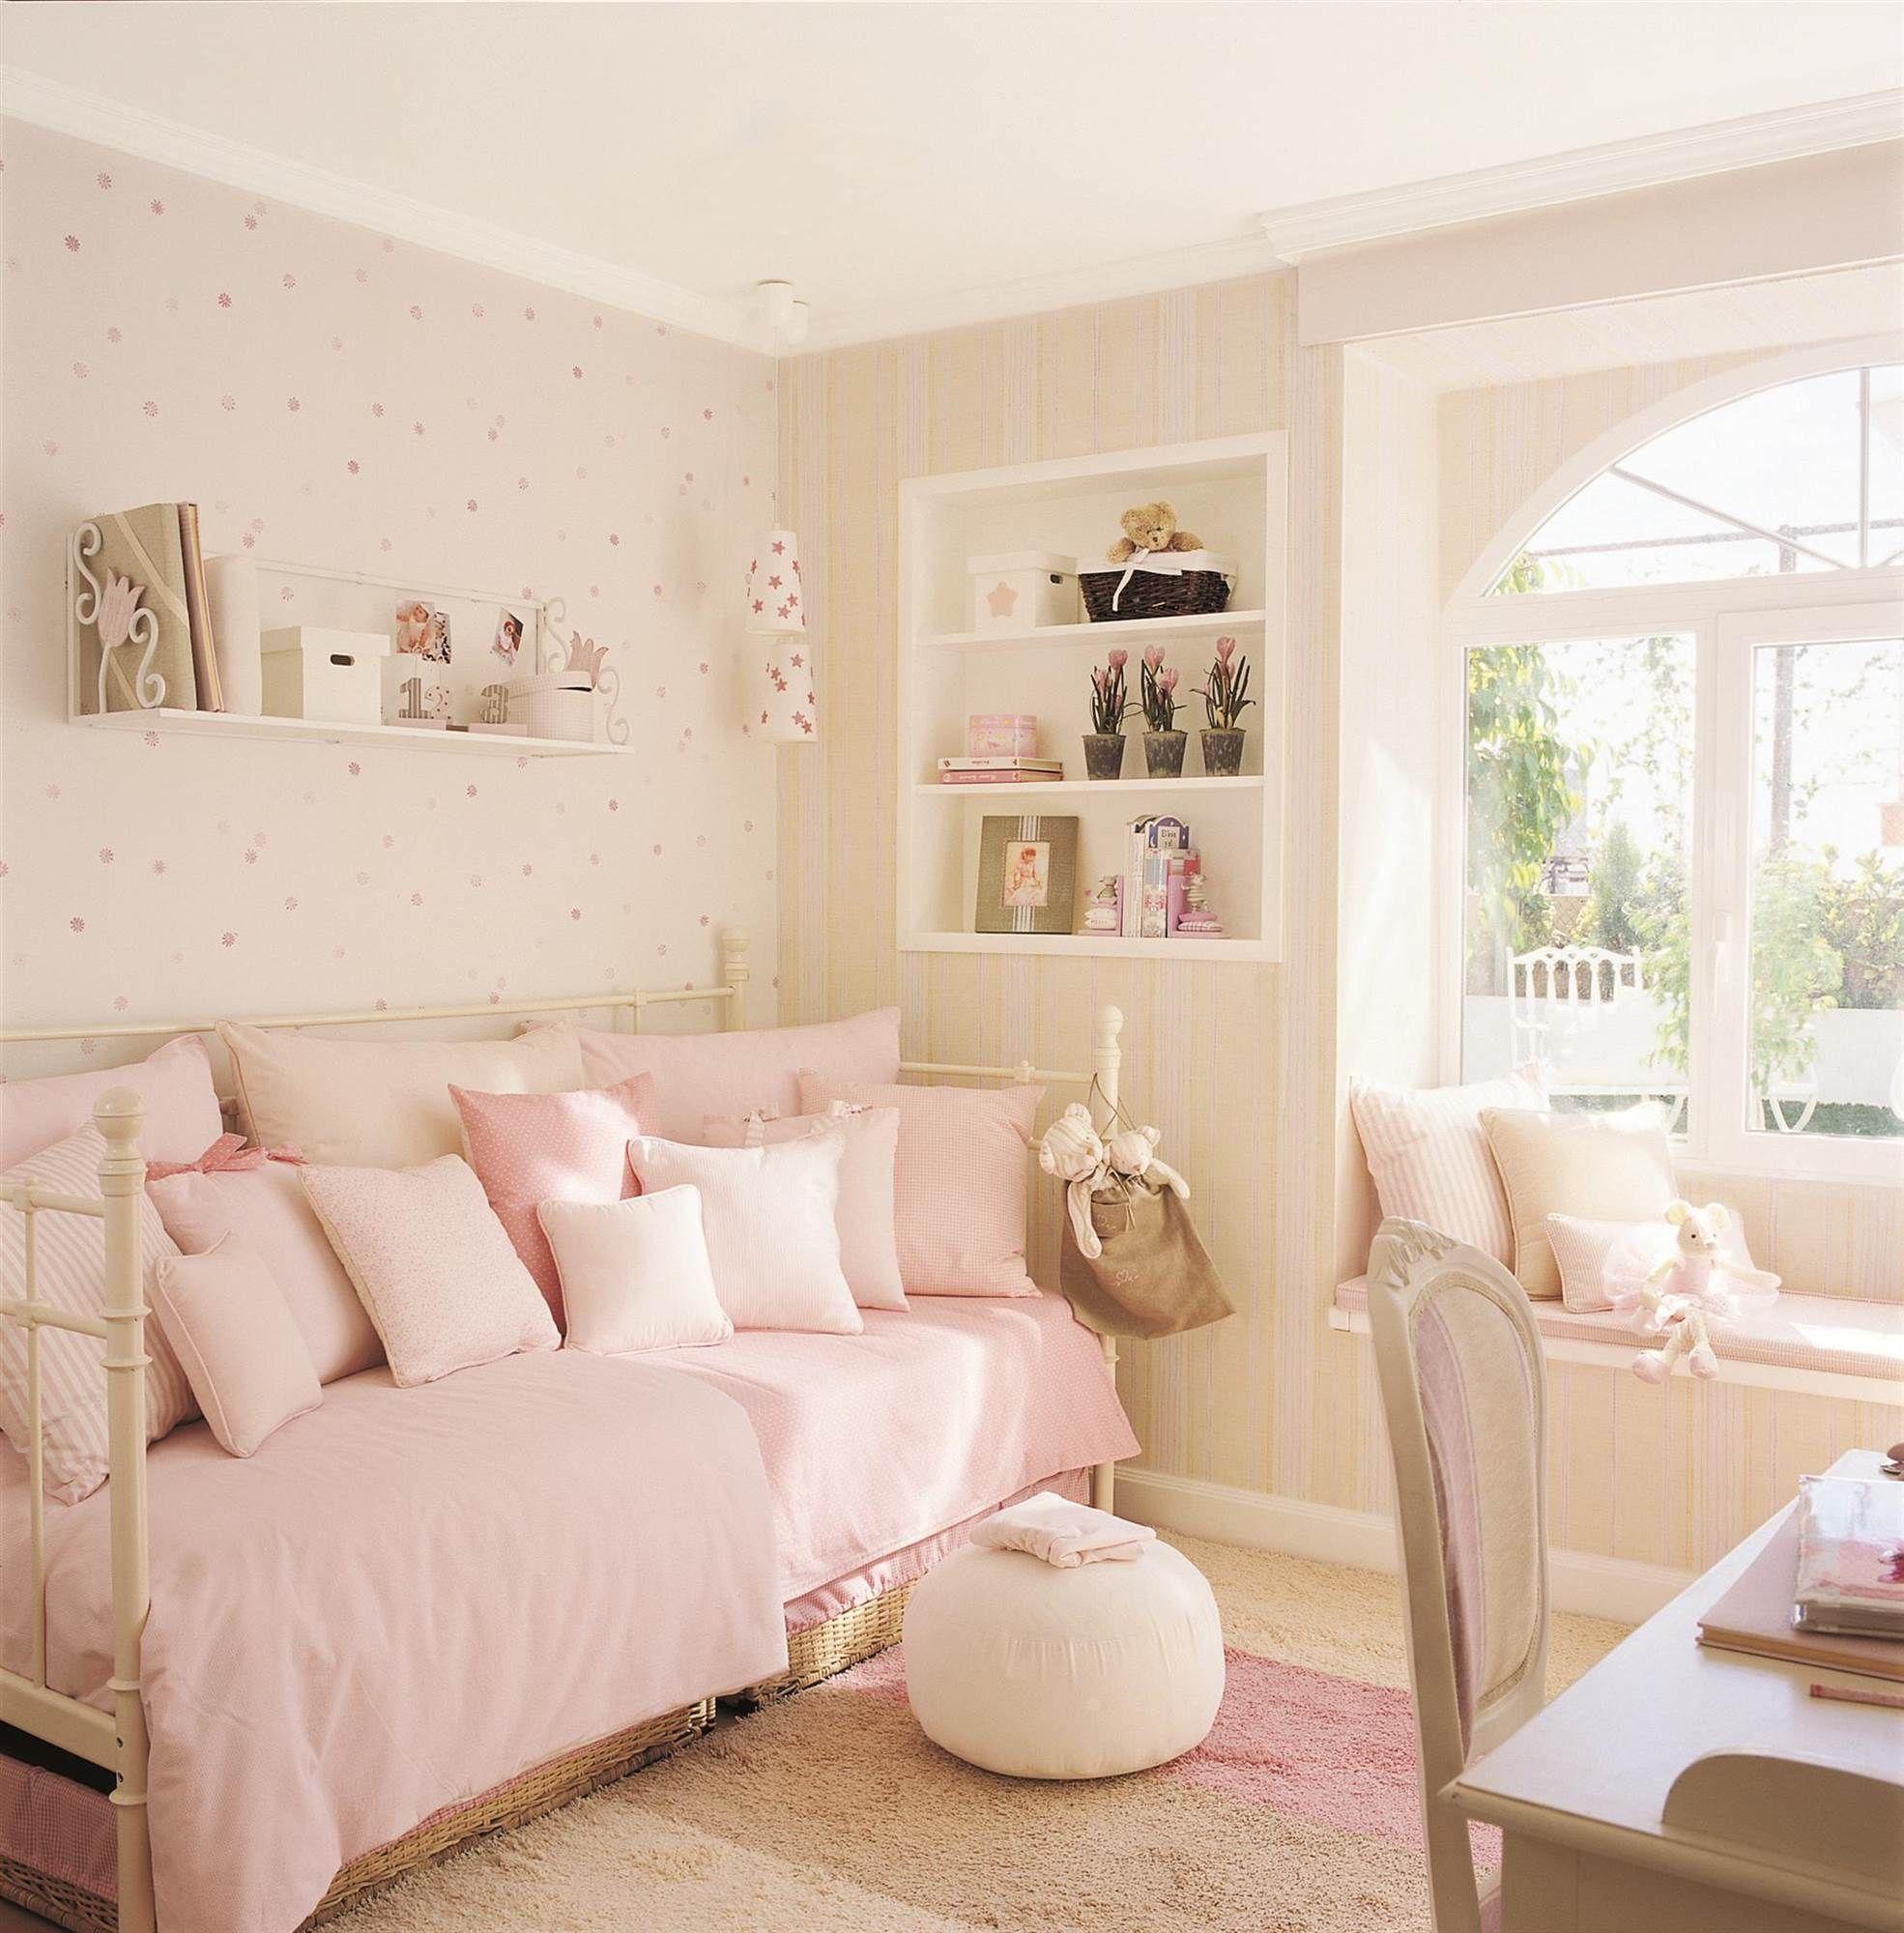 Dormitorio infantil en tonos pastel rosa claro con muchos - Habitaciones con papel pintado ...